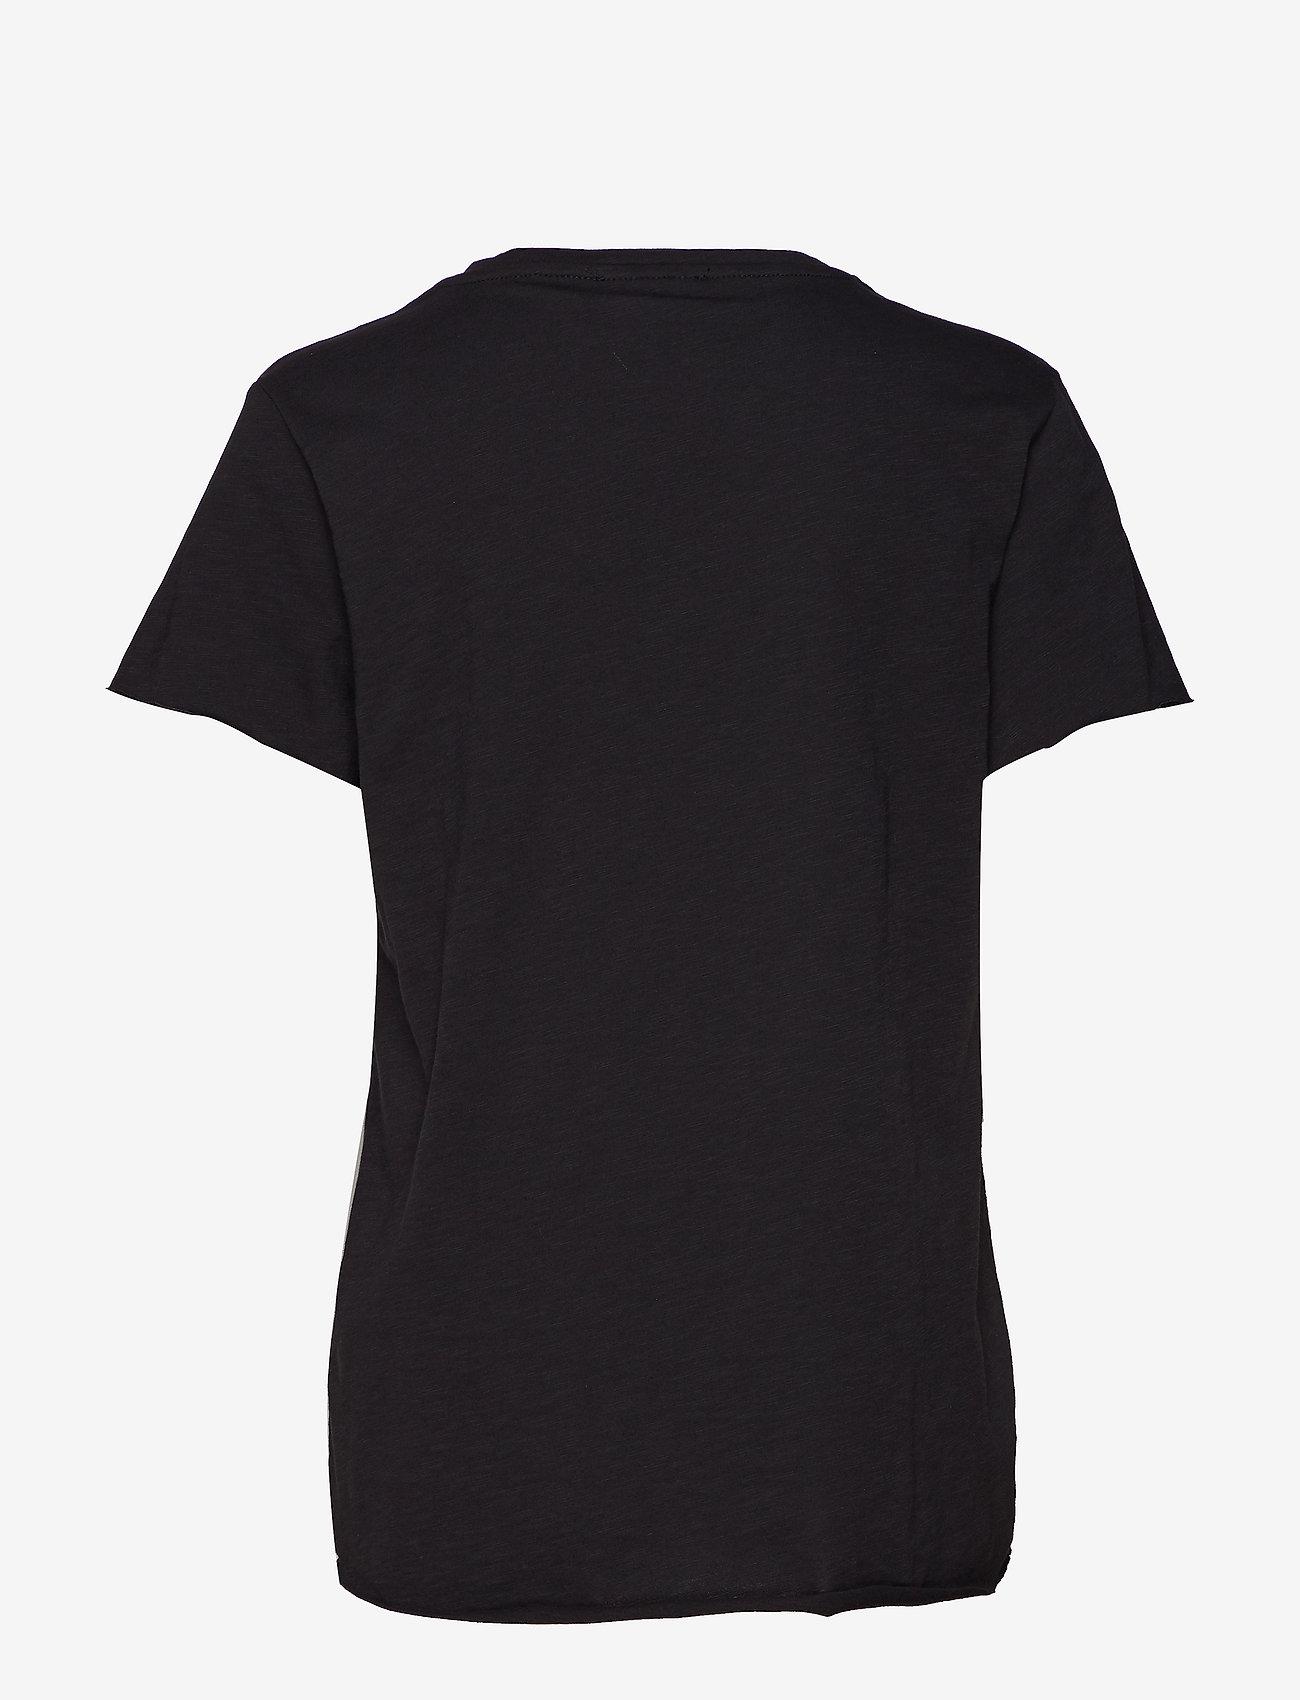 Denim Hunter 08 THE VTEE - T-shirty i zopy BLACK - Kobiety Odzież.